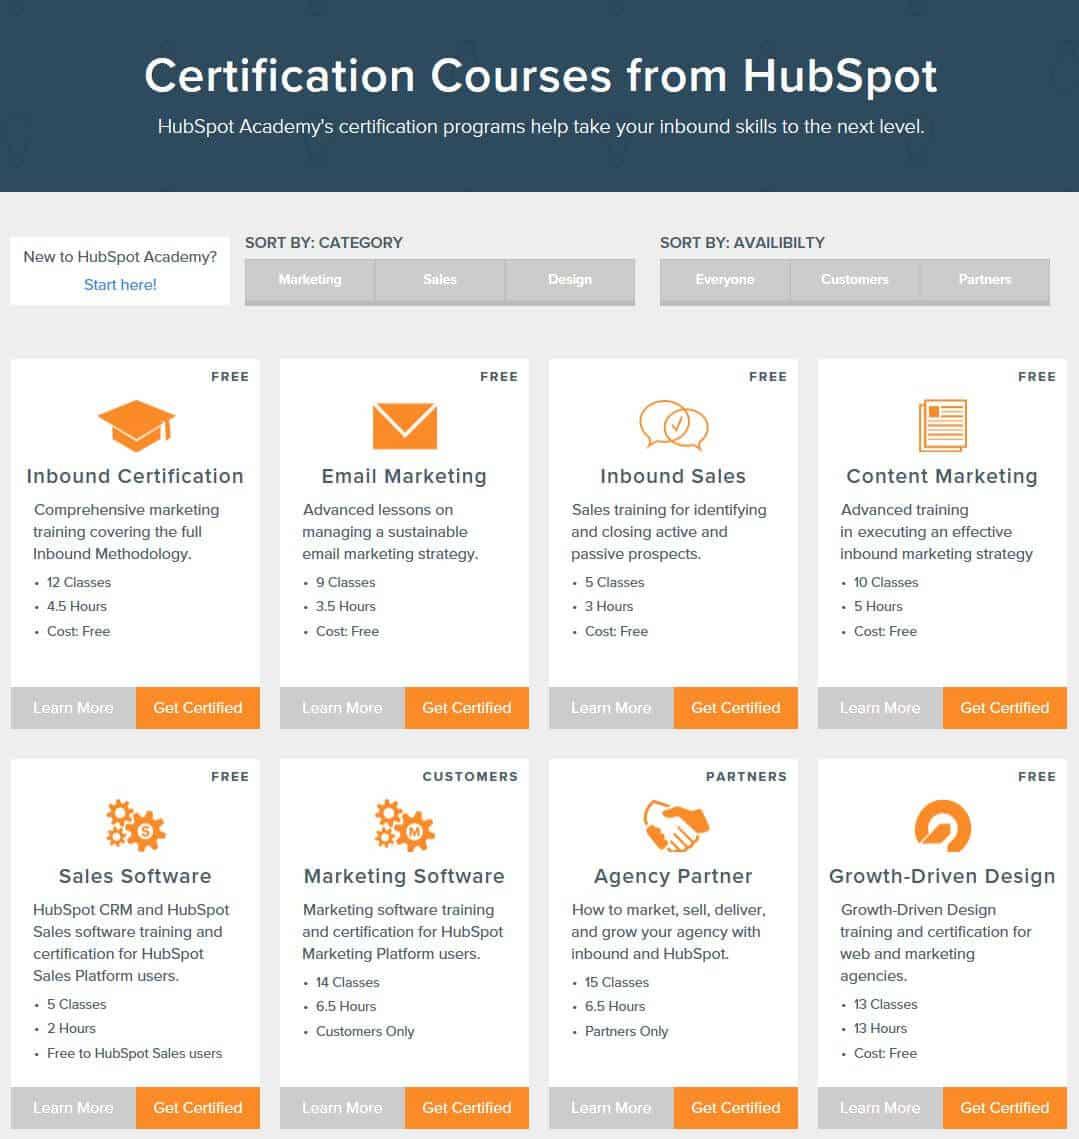 Nouveaux cours et certifications HubSpot 2016